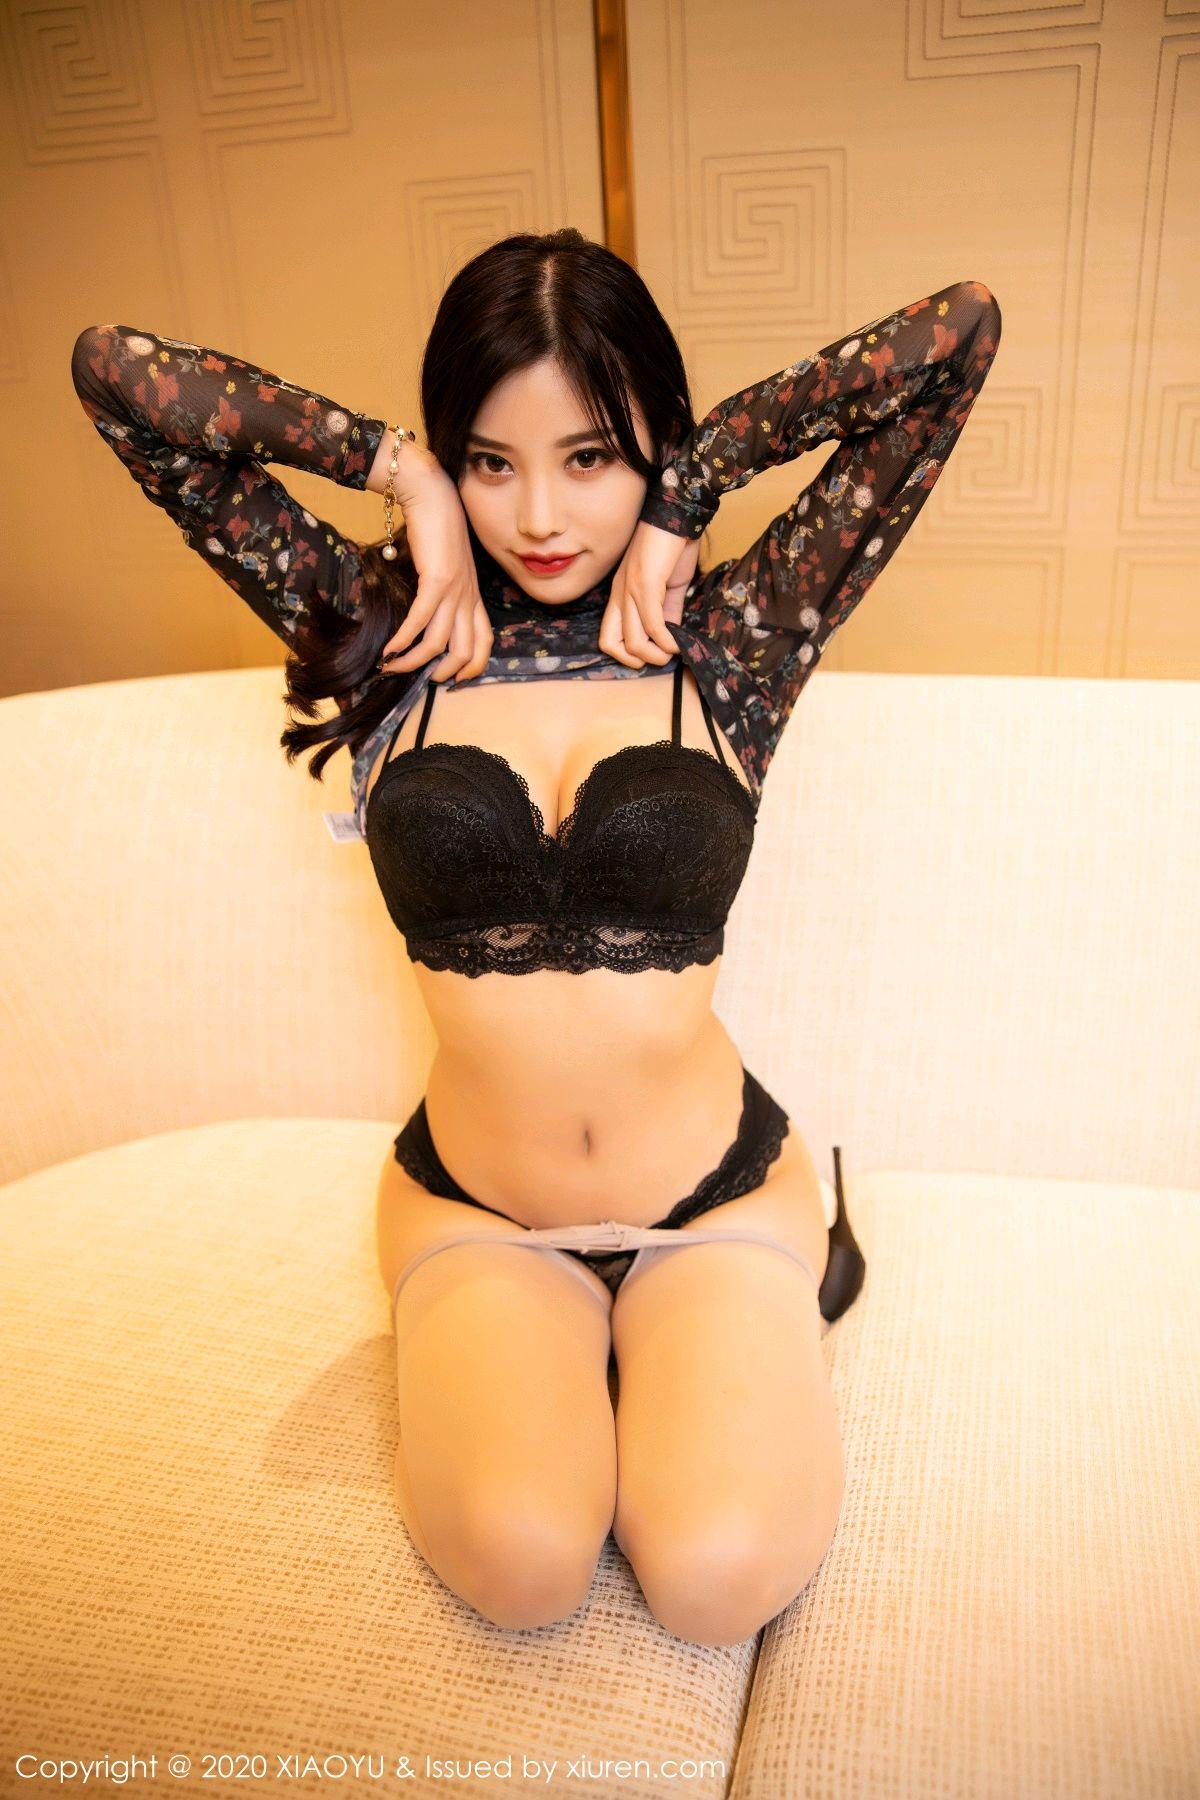 [XiaoYu] Vol.289 Yang Chen Chen 58P, Underwear, XiaoYu, Yang Chen Chen